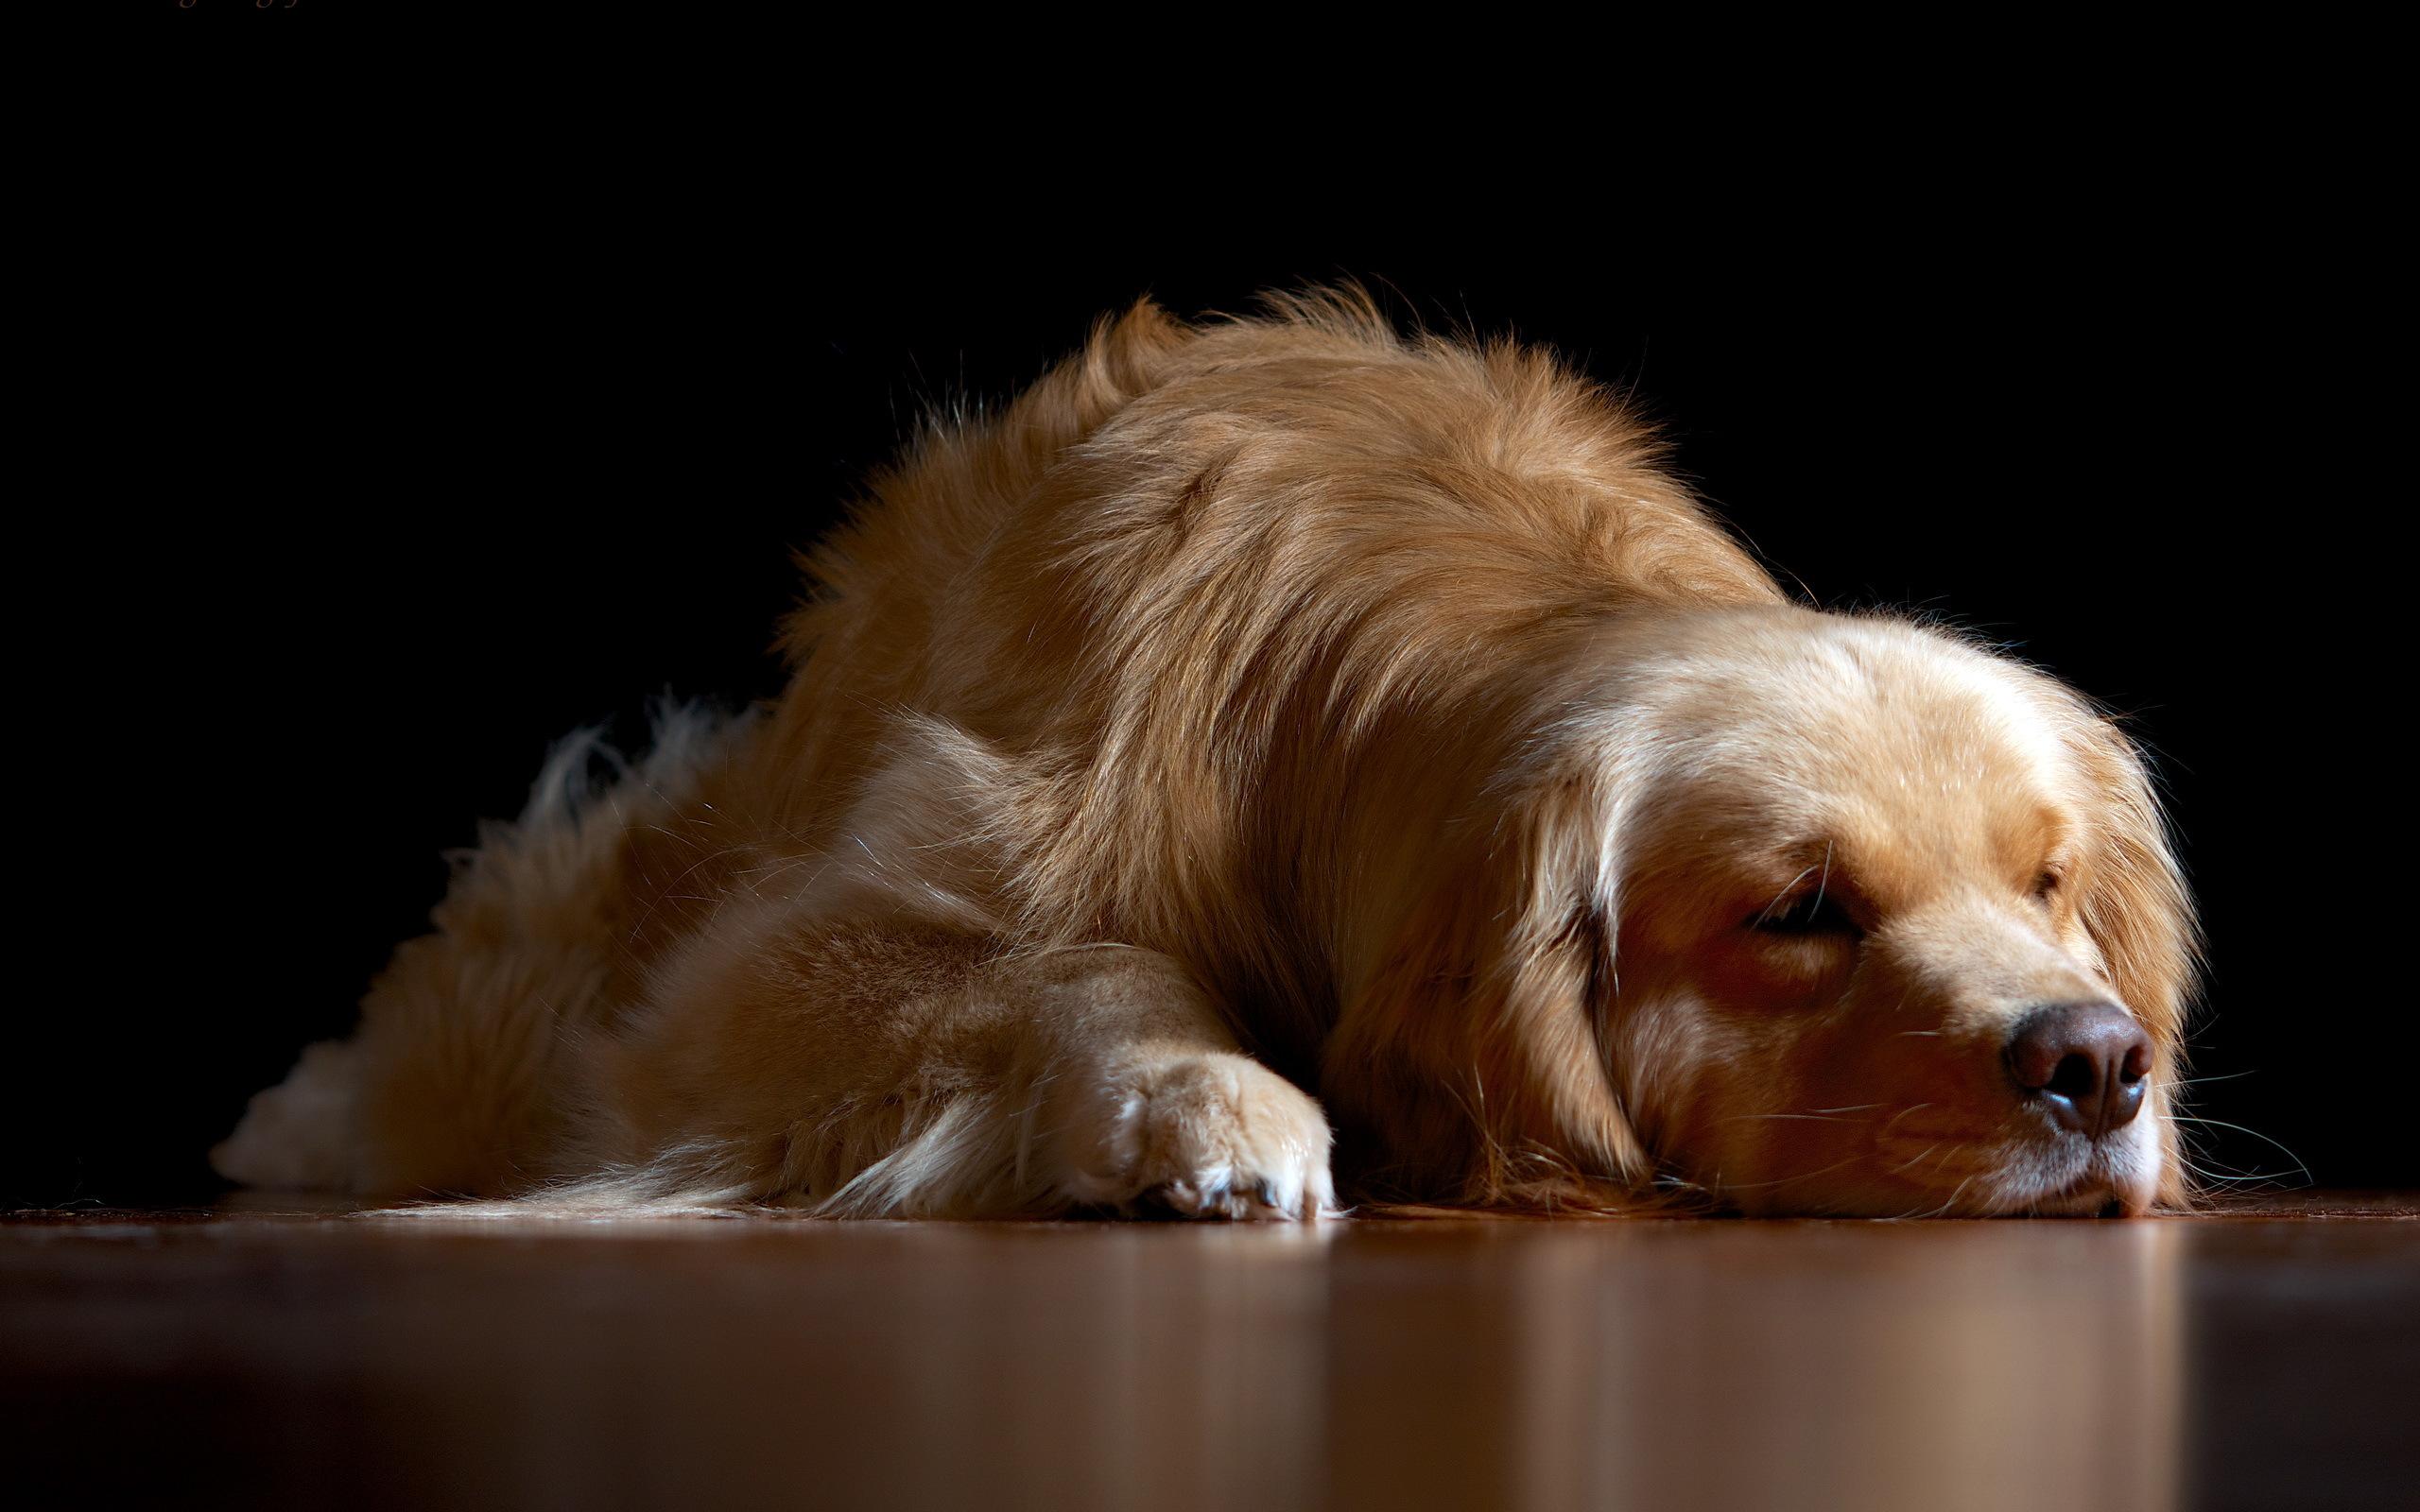 sleeping dog background 40224